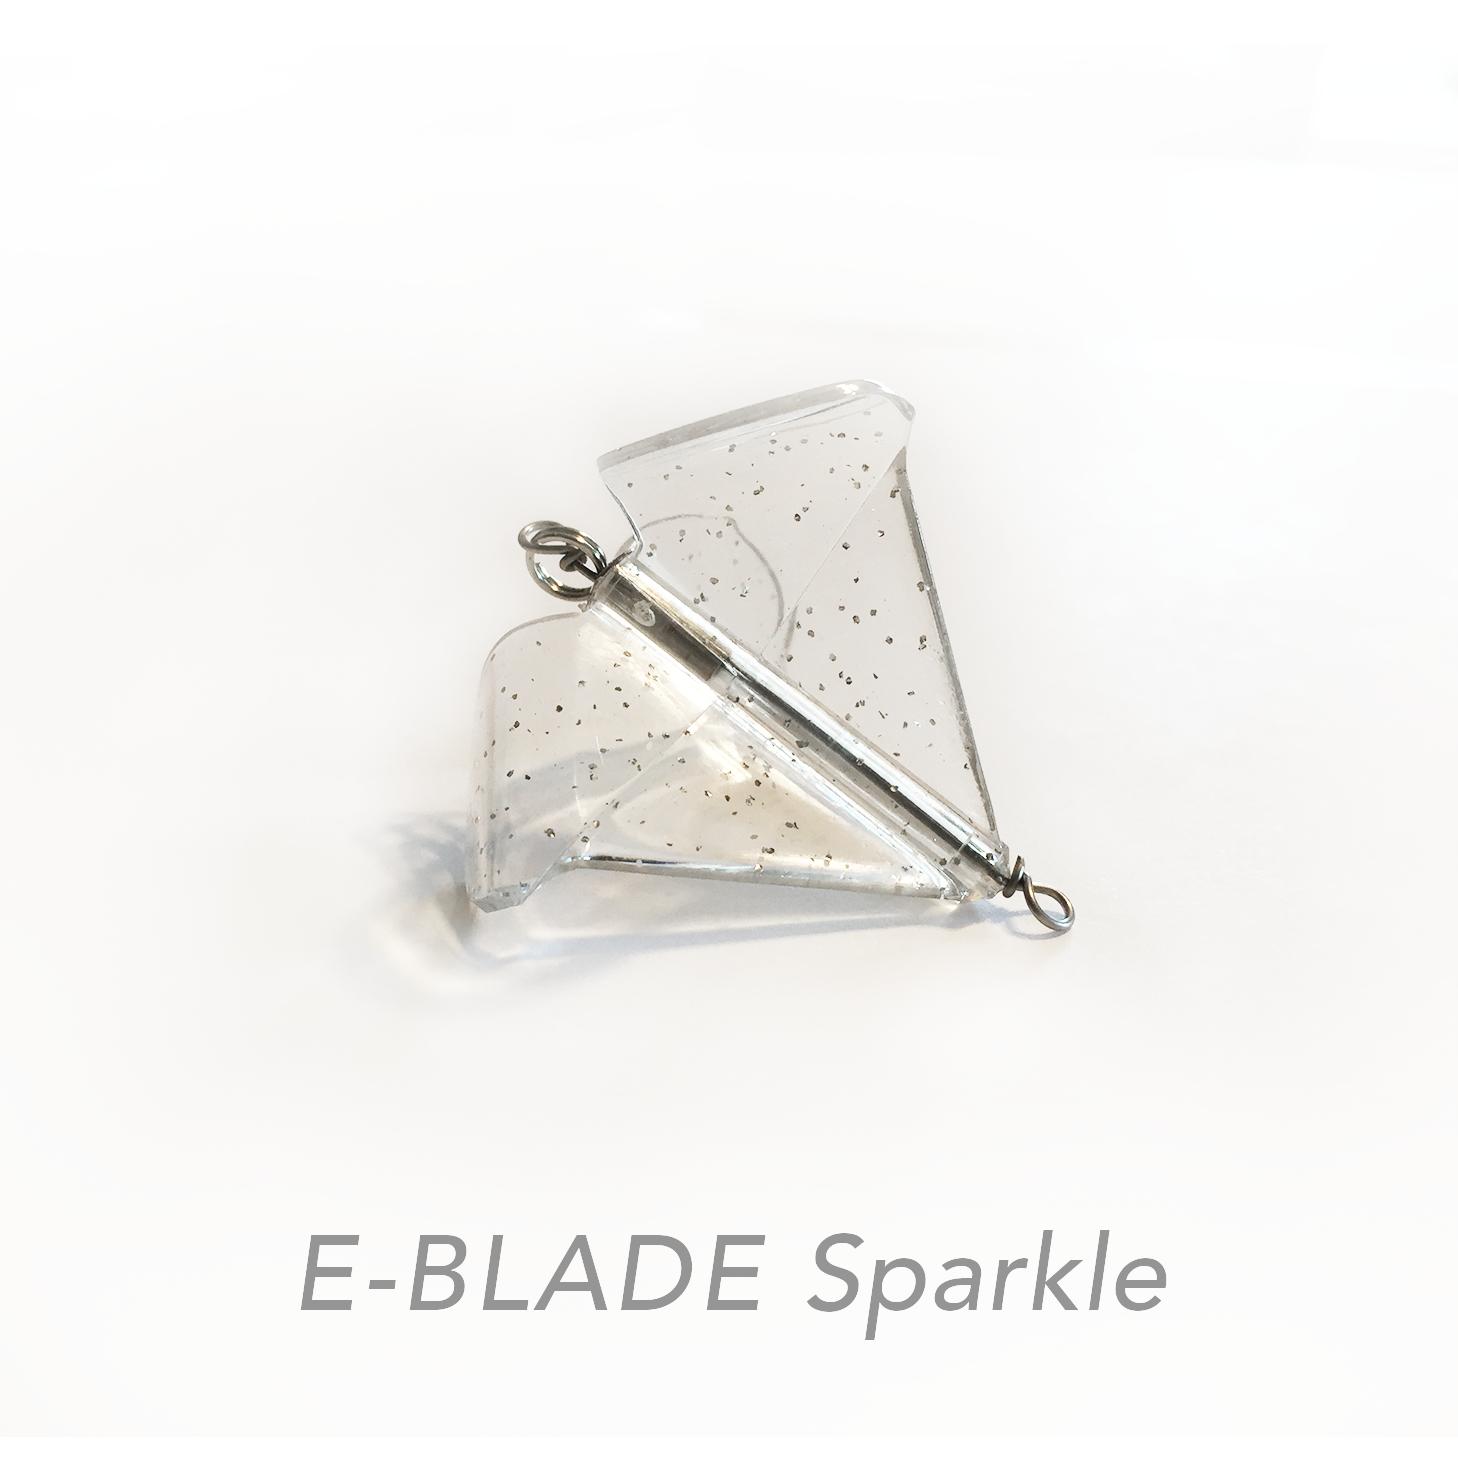 eblade-sparkle.png